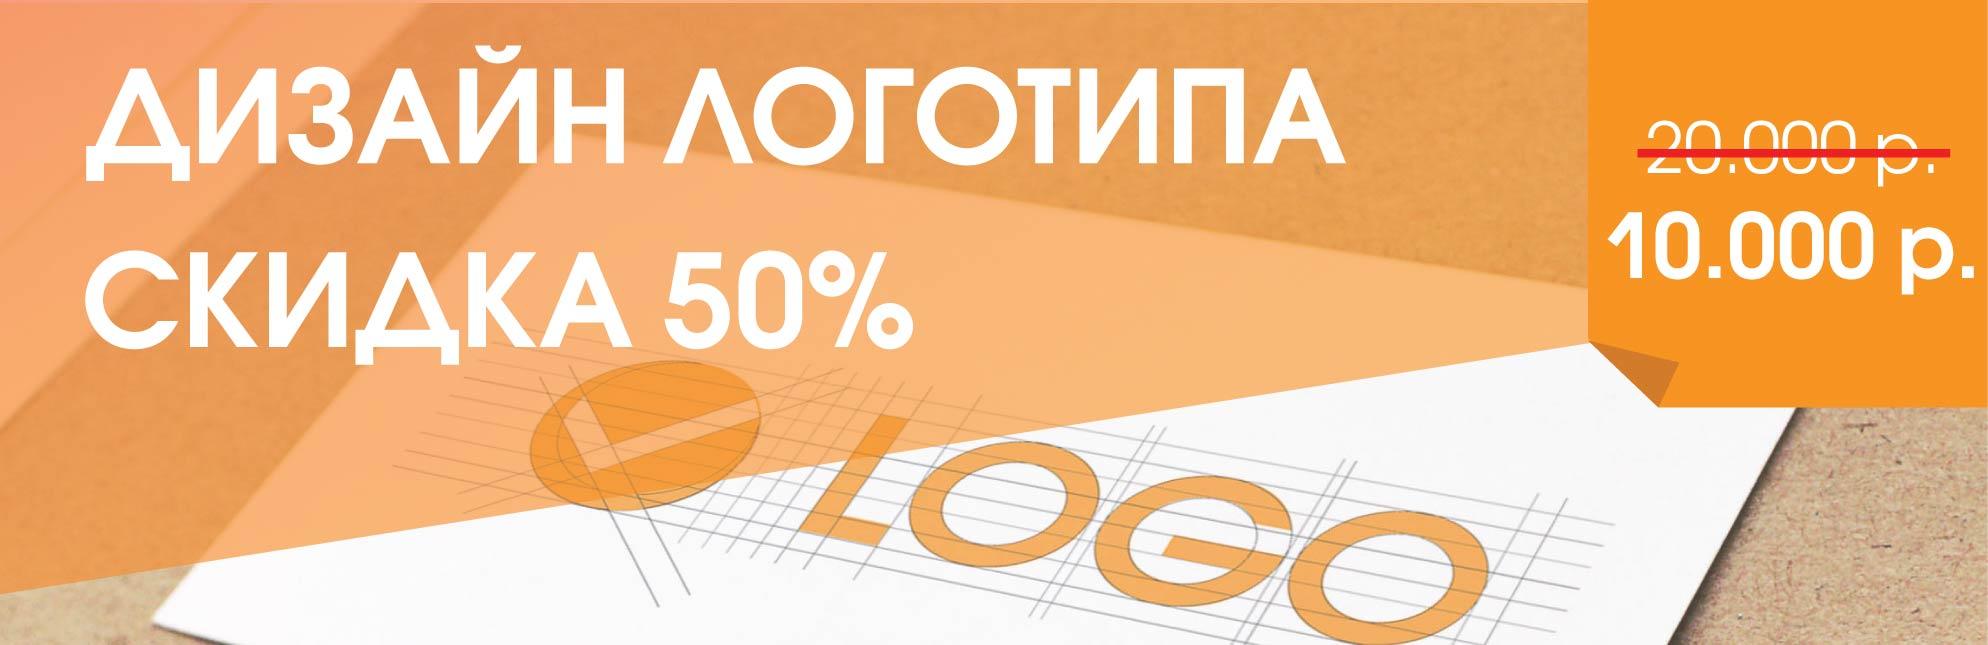 Дизайн логотипа скидка 50%, новая стоимость 10.000 рублей